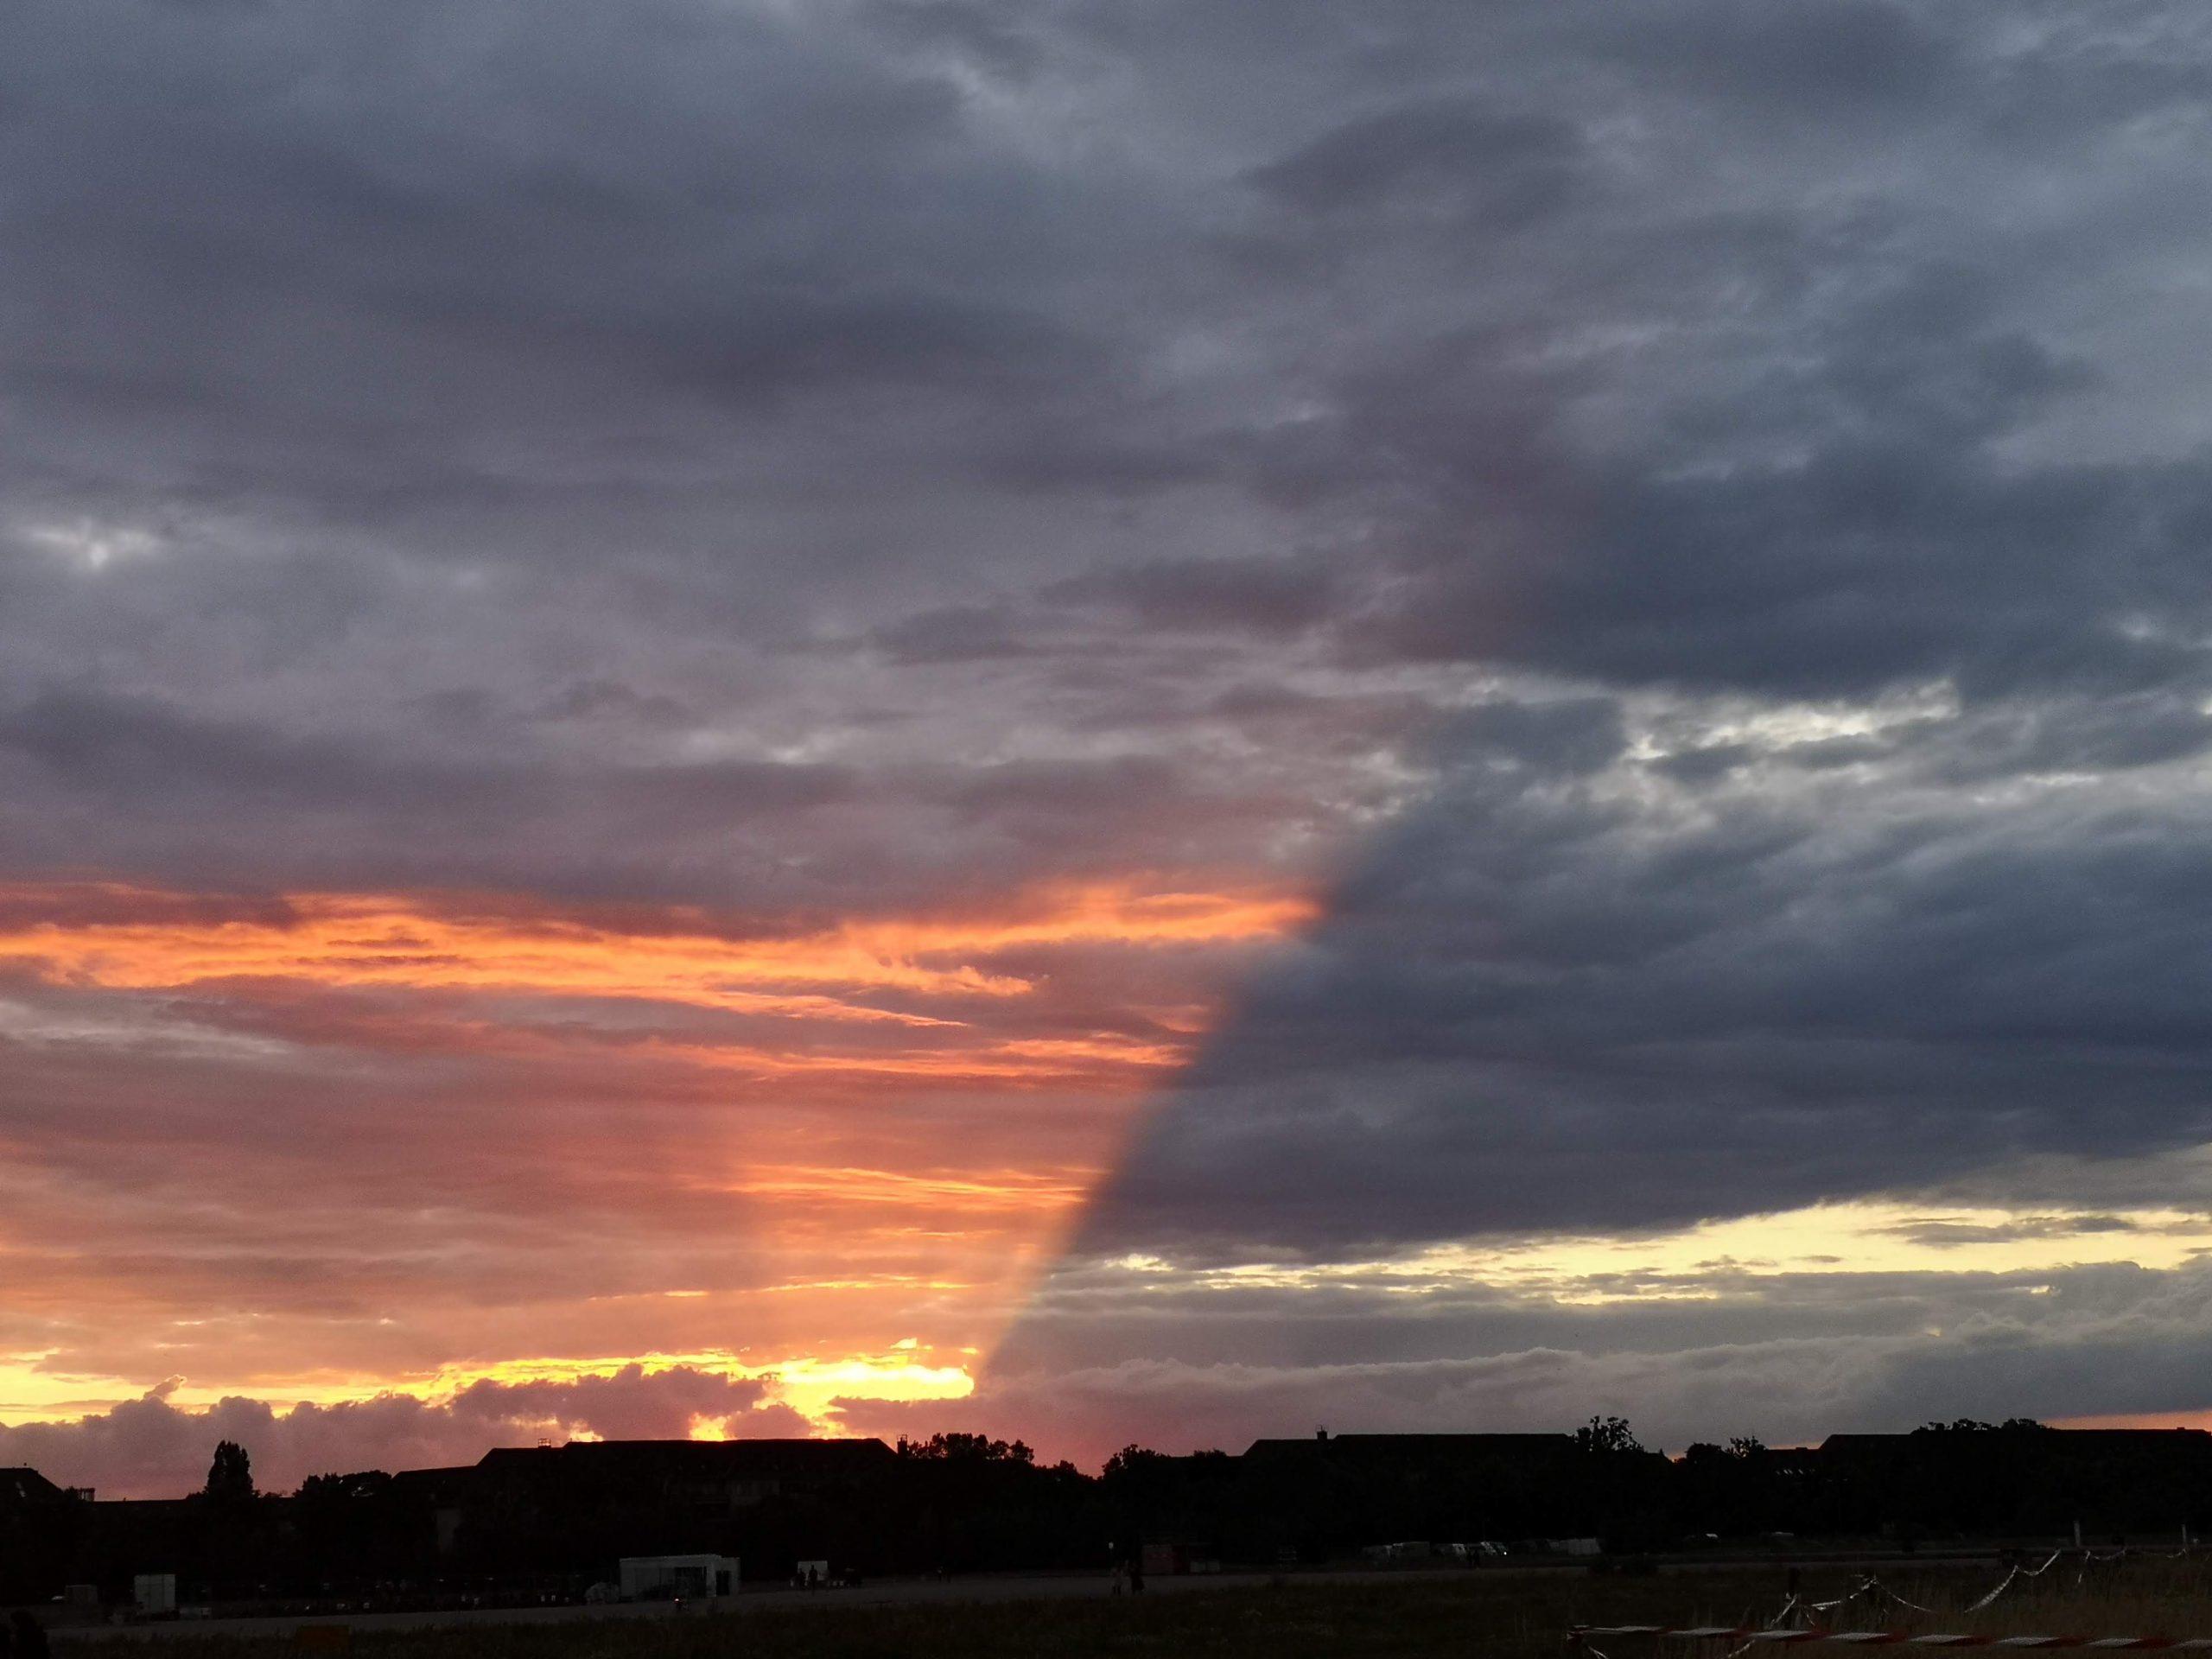 Licht und Schatten. sonnenuntergang. für artikel warheit auf menschenfreund.net